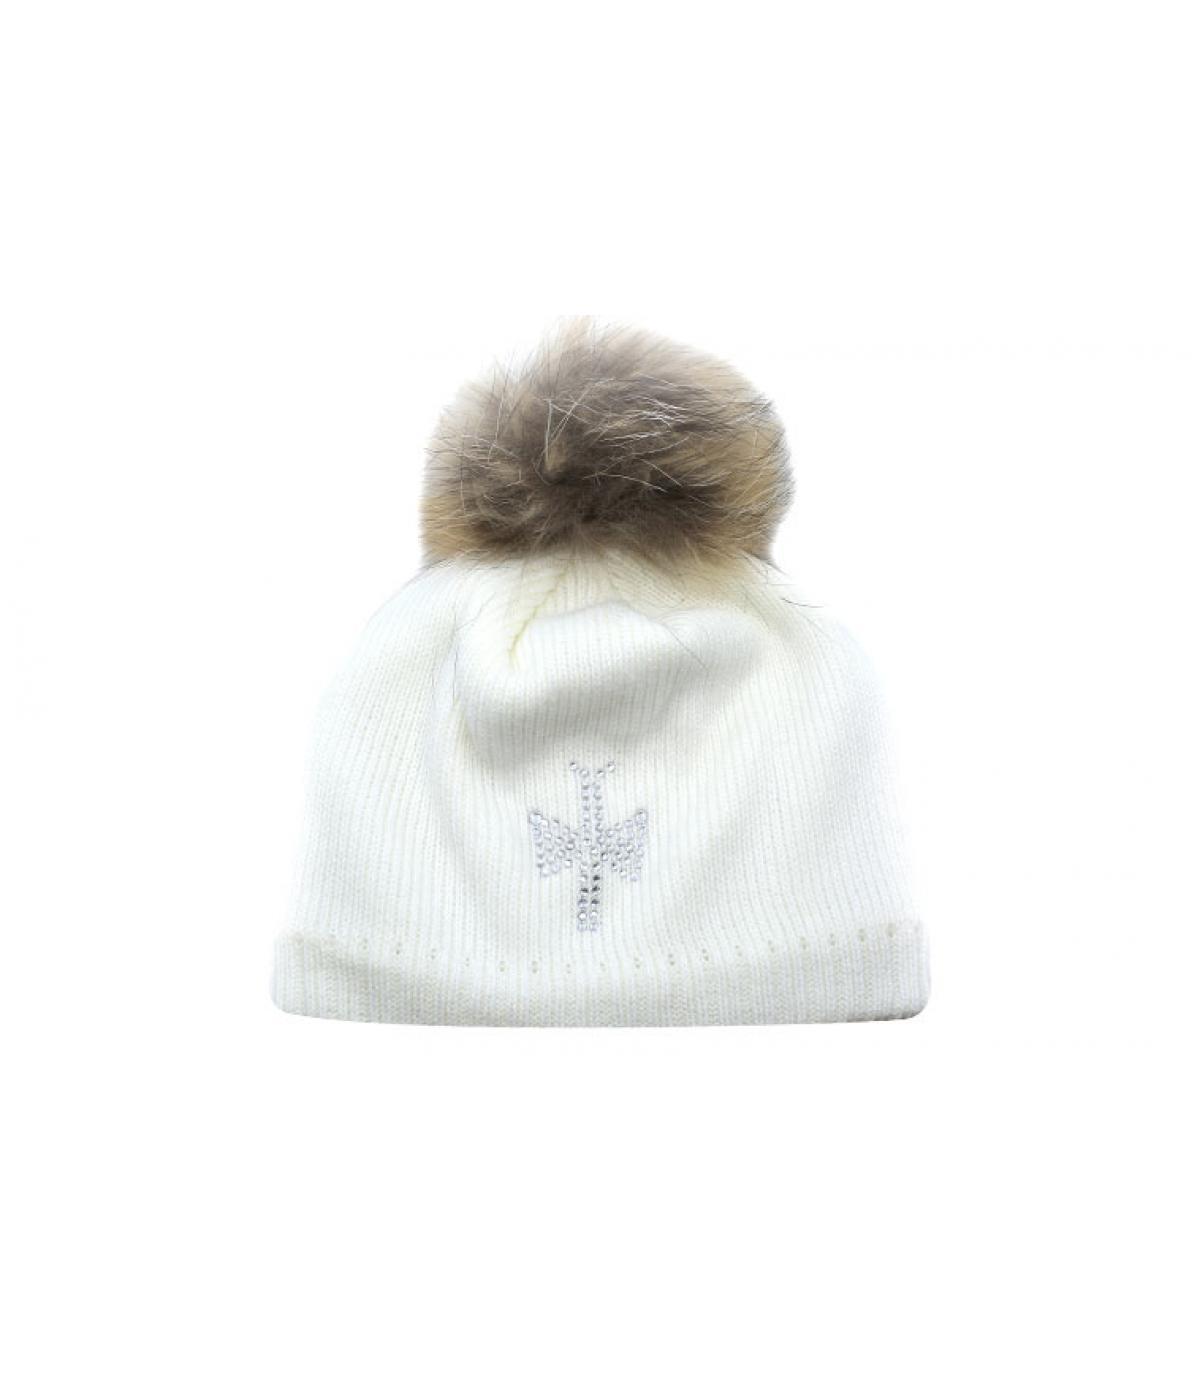 Cappello Invernale Bambino - Acquisto   Vendita Cappelli invernali Bambino  - Shop online Headict. 6e22a77bbfd4